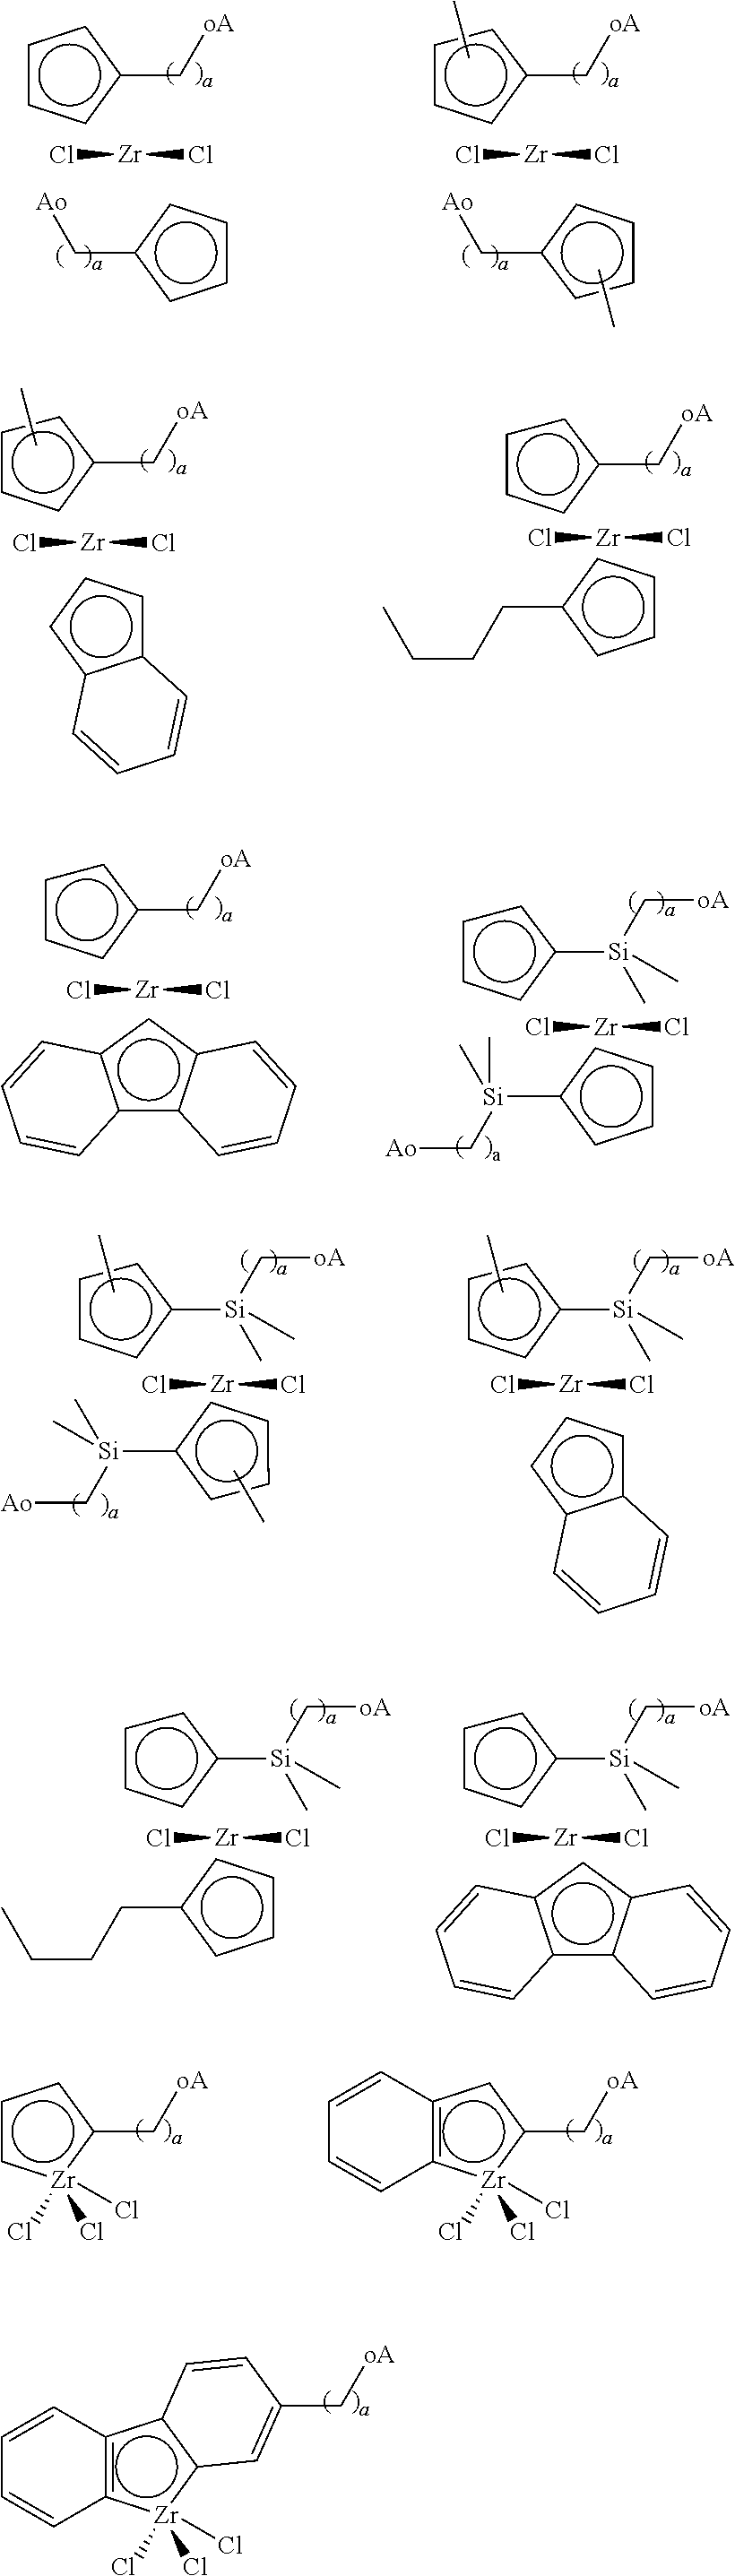 Figure US08124557-20120228-C00005